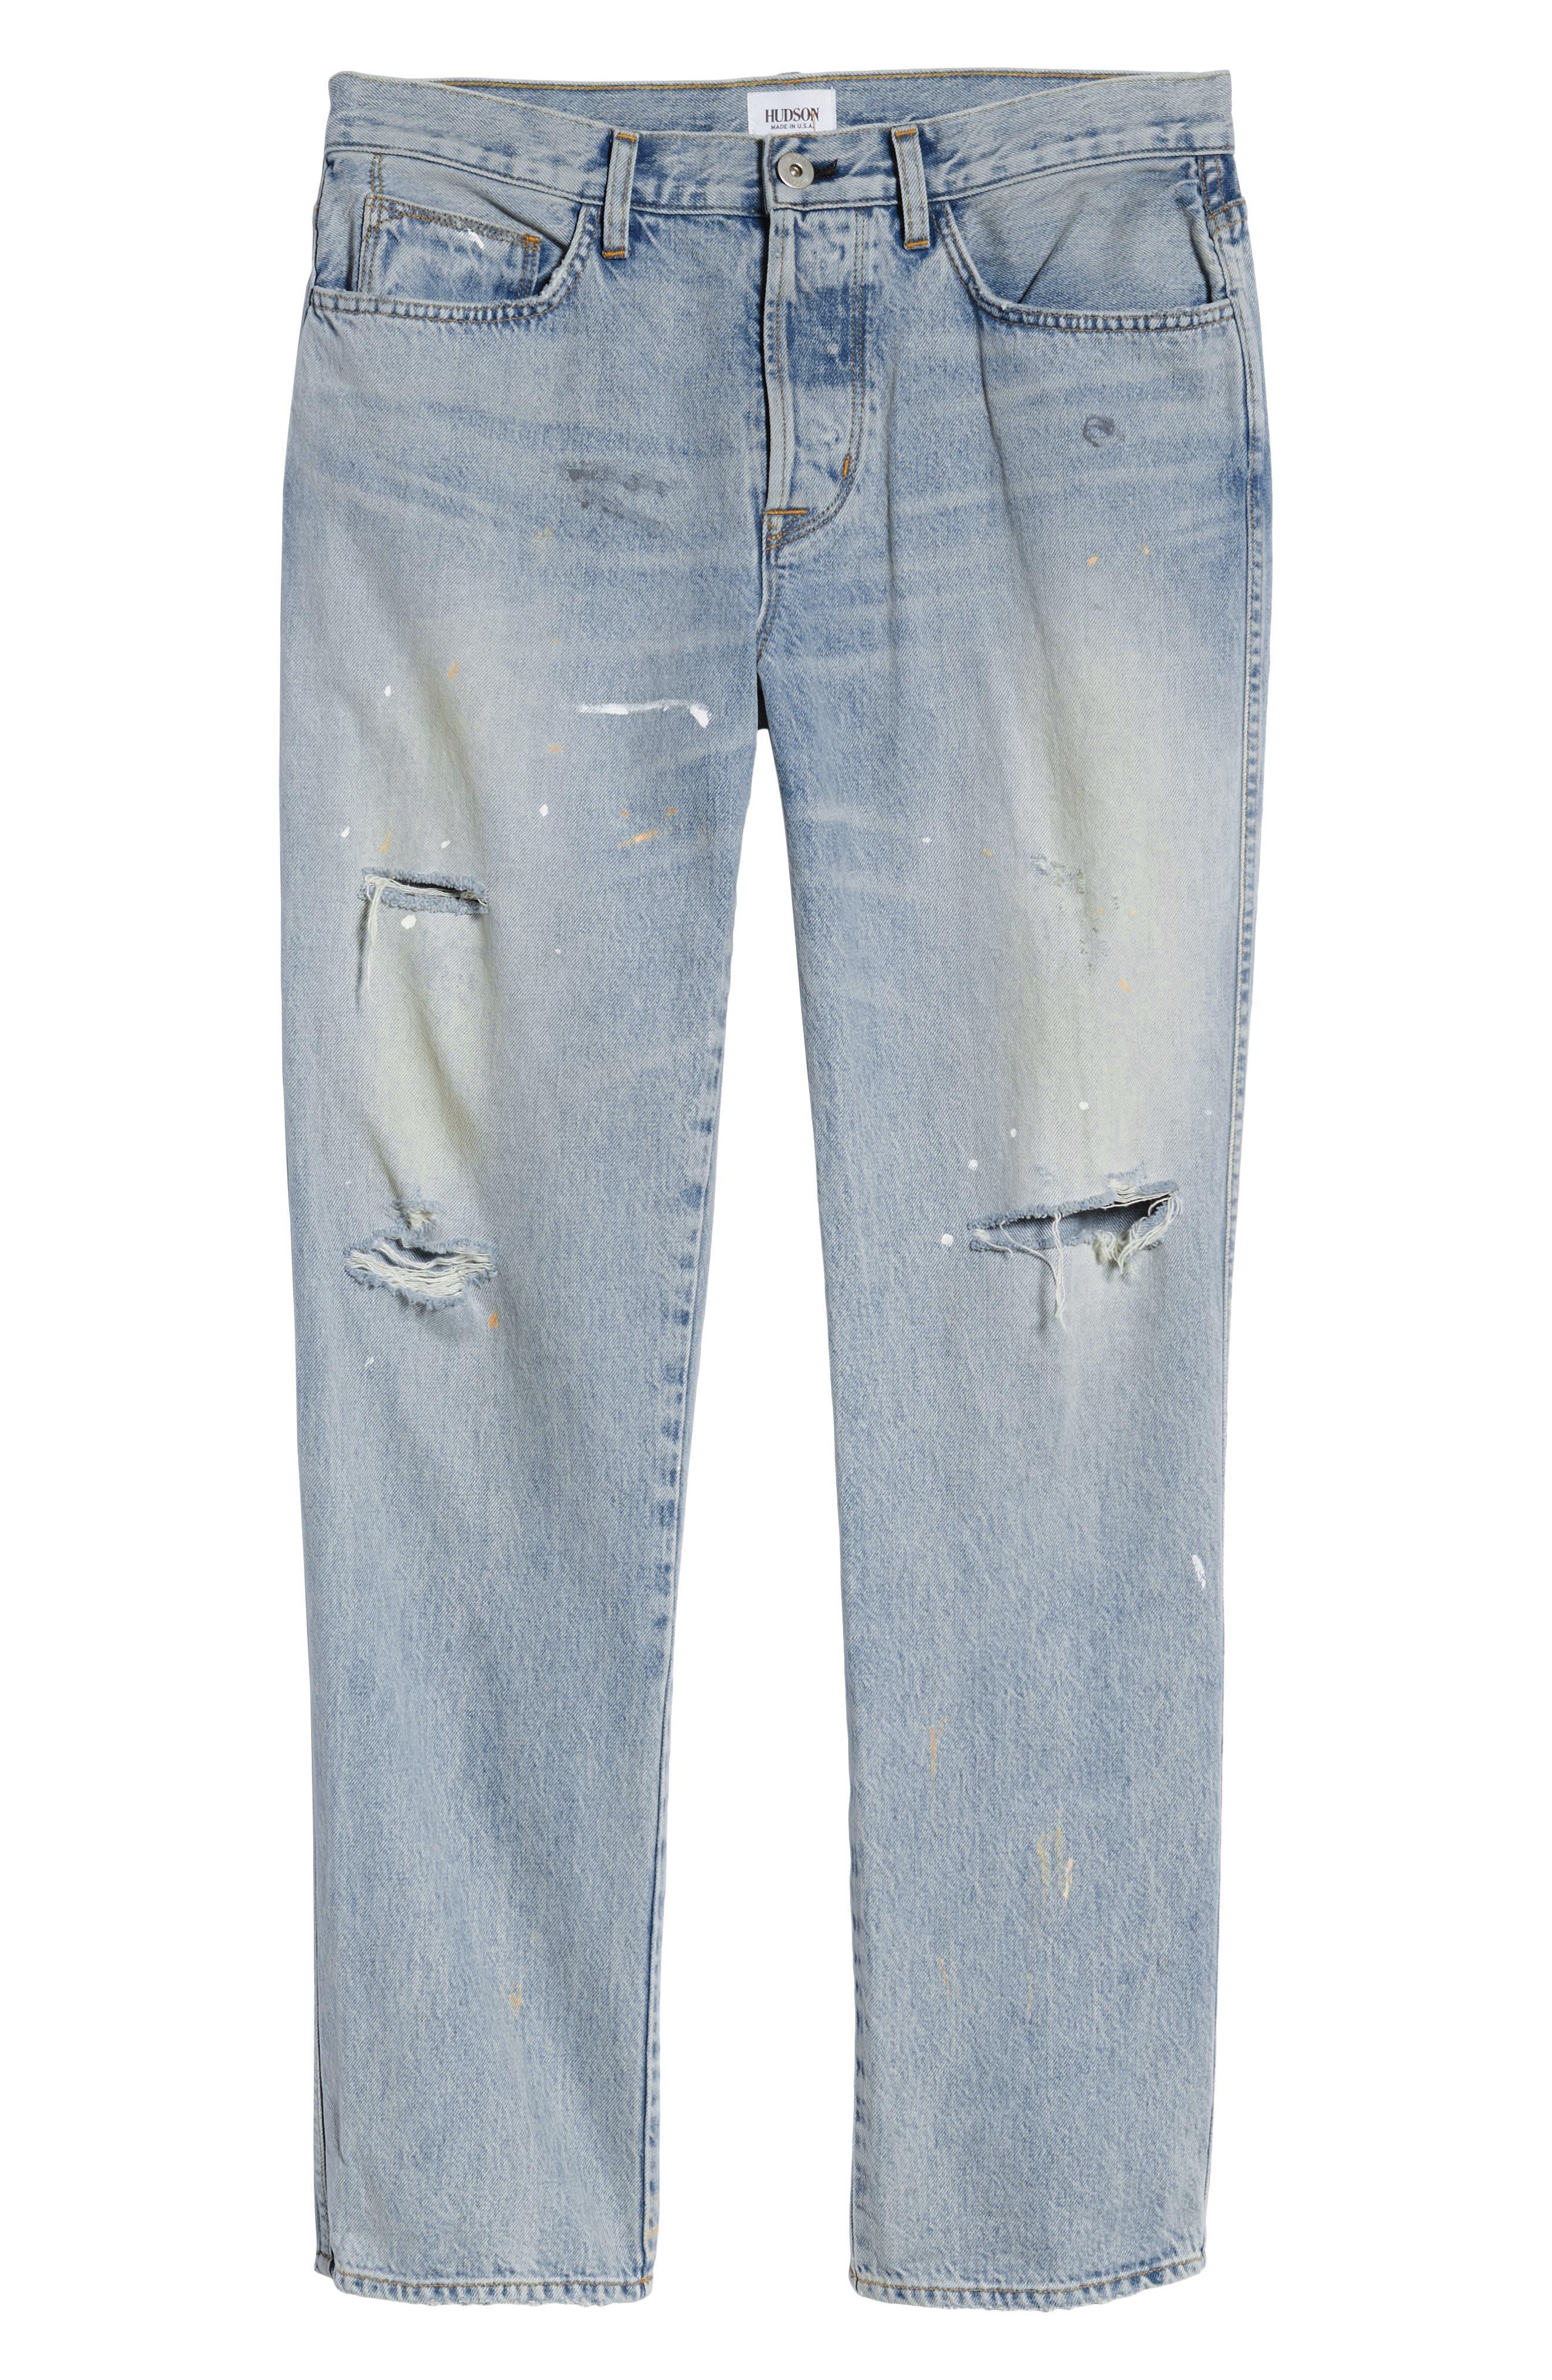 Dixon Straight Fit Jeans,                             Alternate thumbnail 6, color,                             451